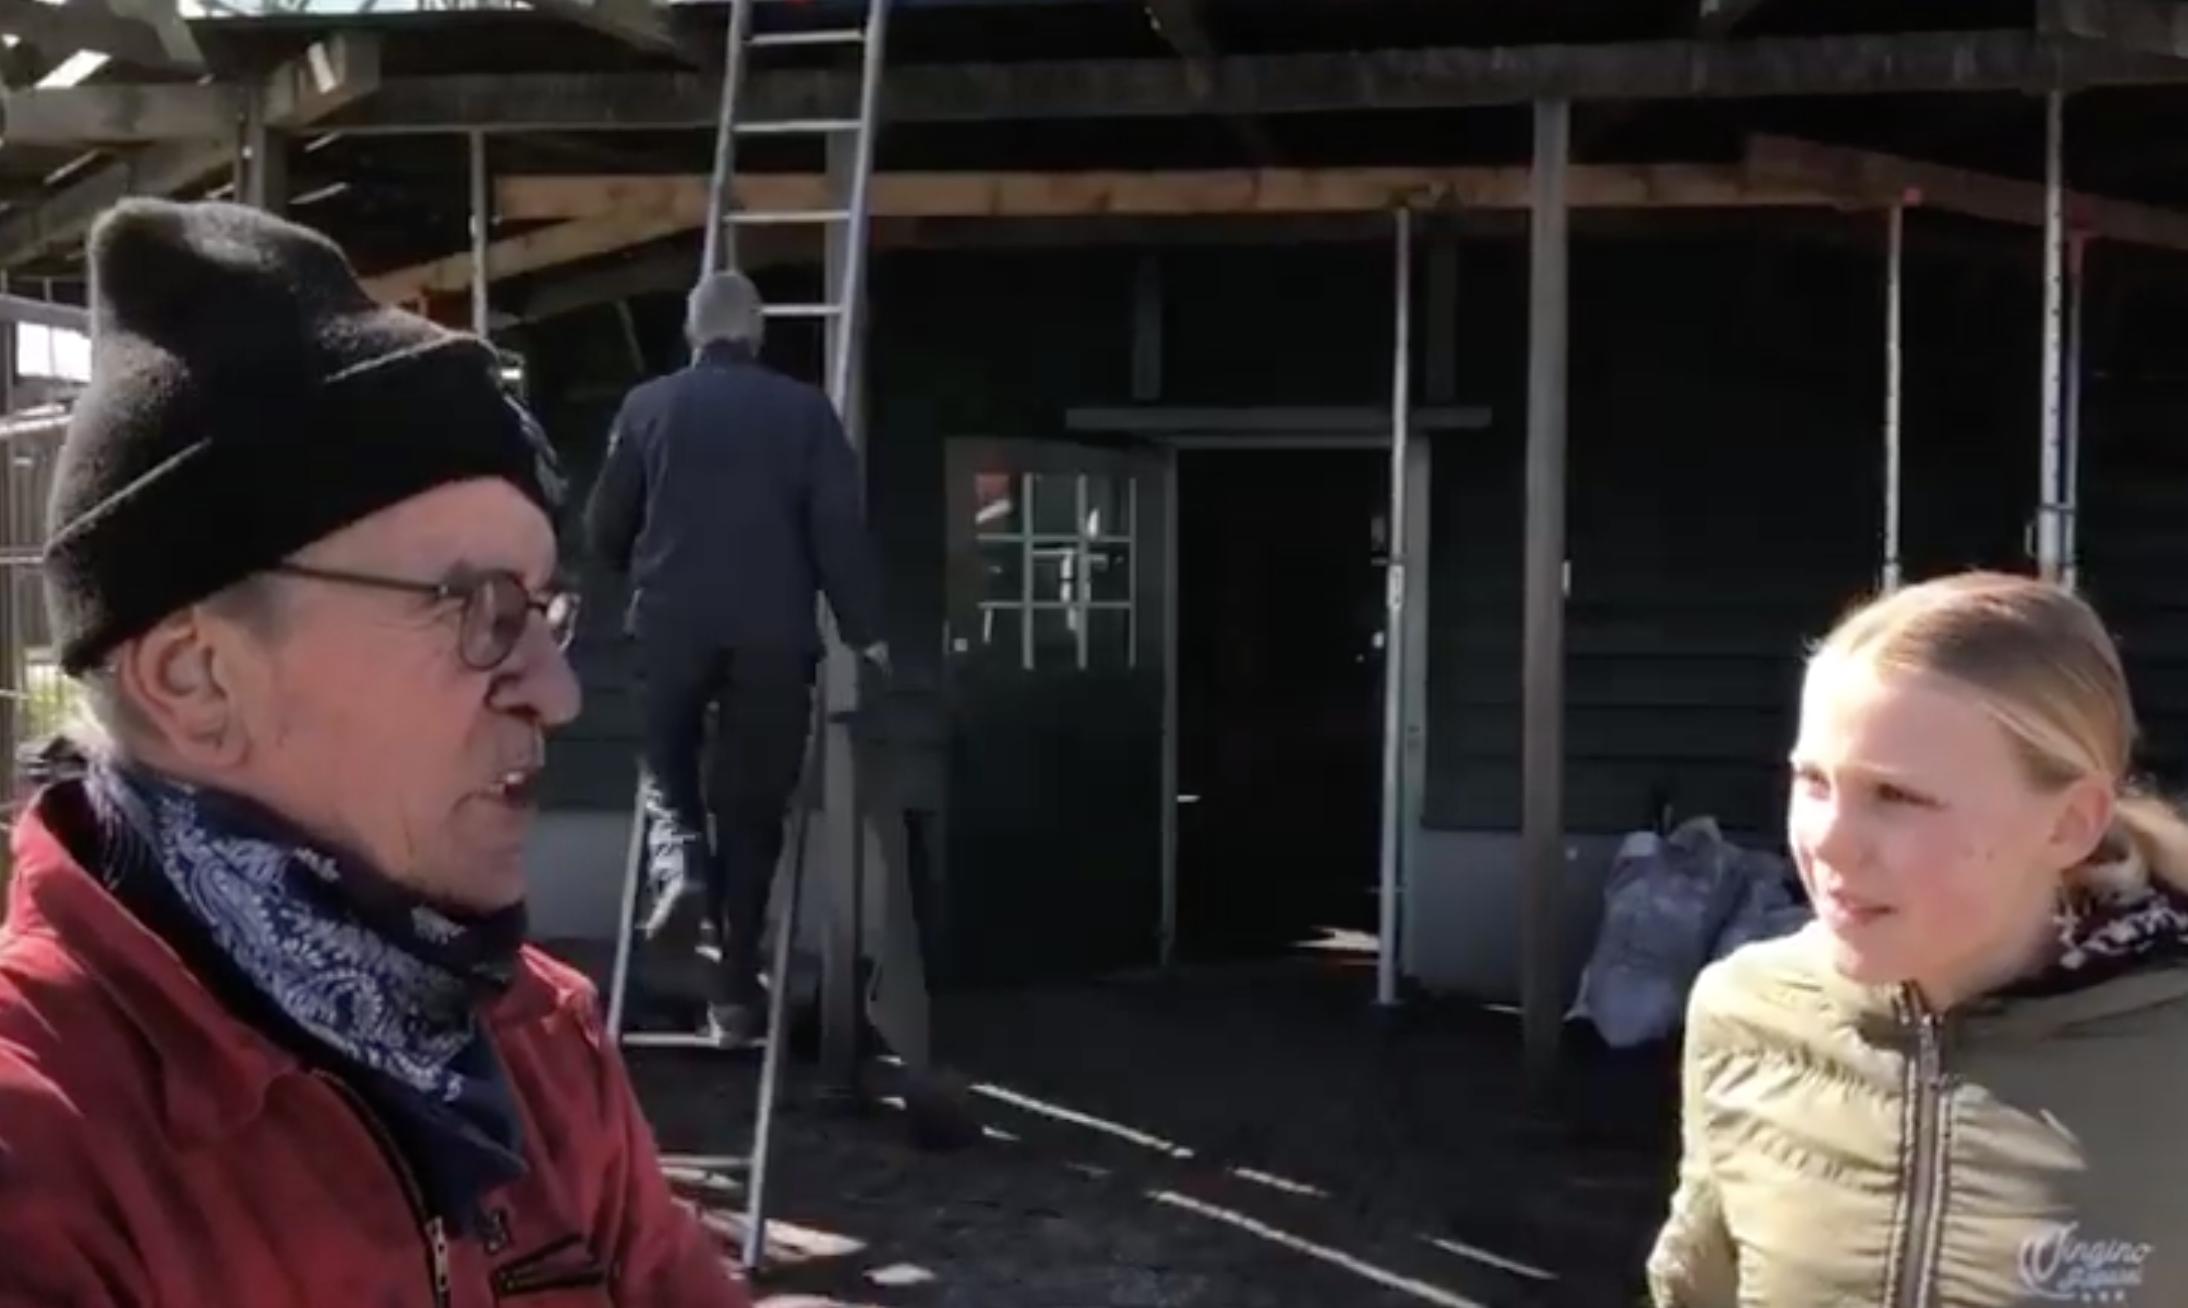 Bovenkarspelse Emma (11) haalt finale Jeugdjournaalwedstrijd met nieuwsitem over afgebrande molen Ceres [video]